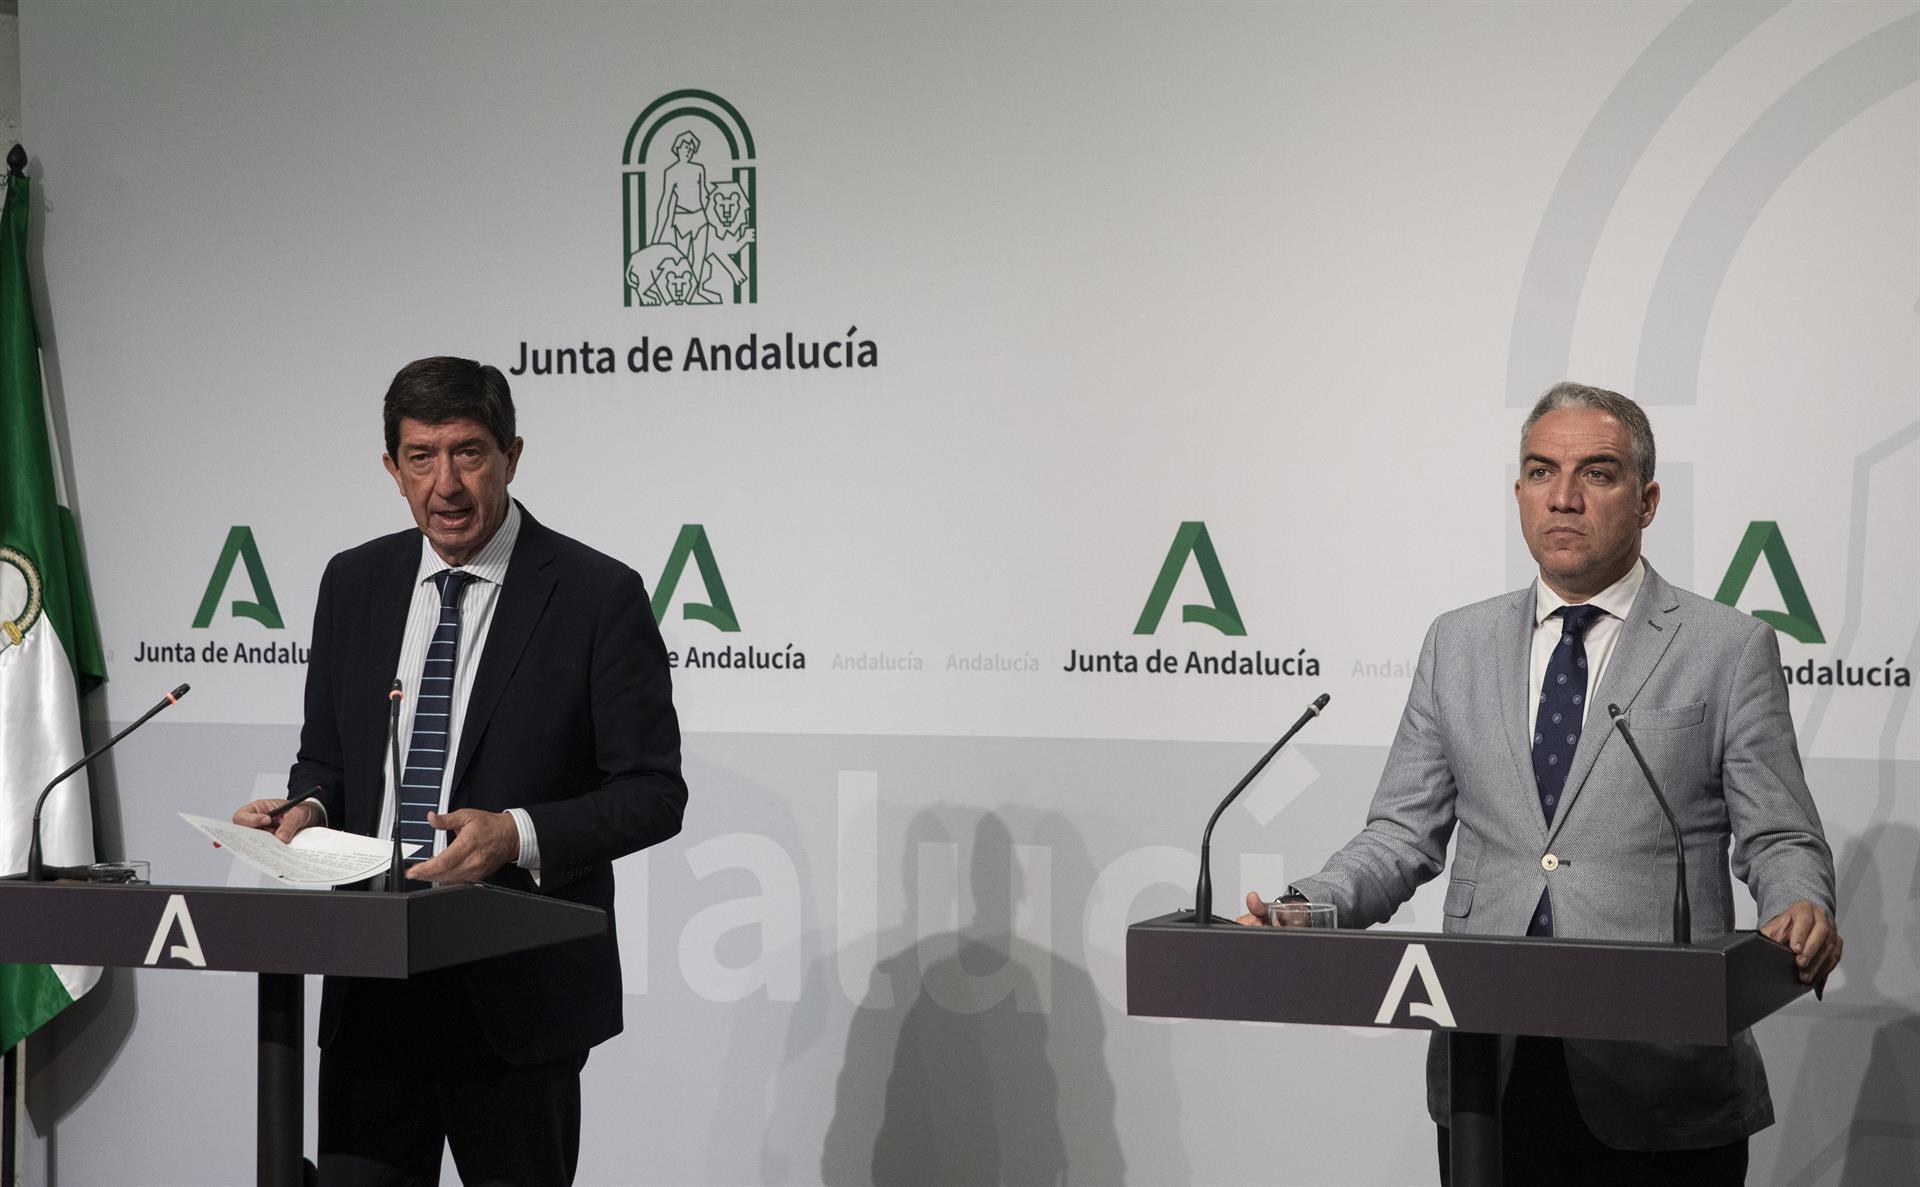 La Junta se reafirma en su política de «bajadas de impuestos» en «dirección contraria a la de Espadas y Sánchez»